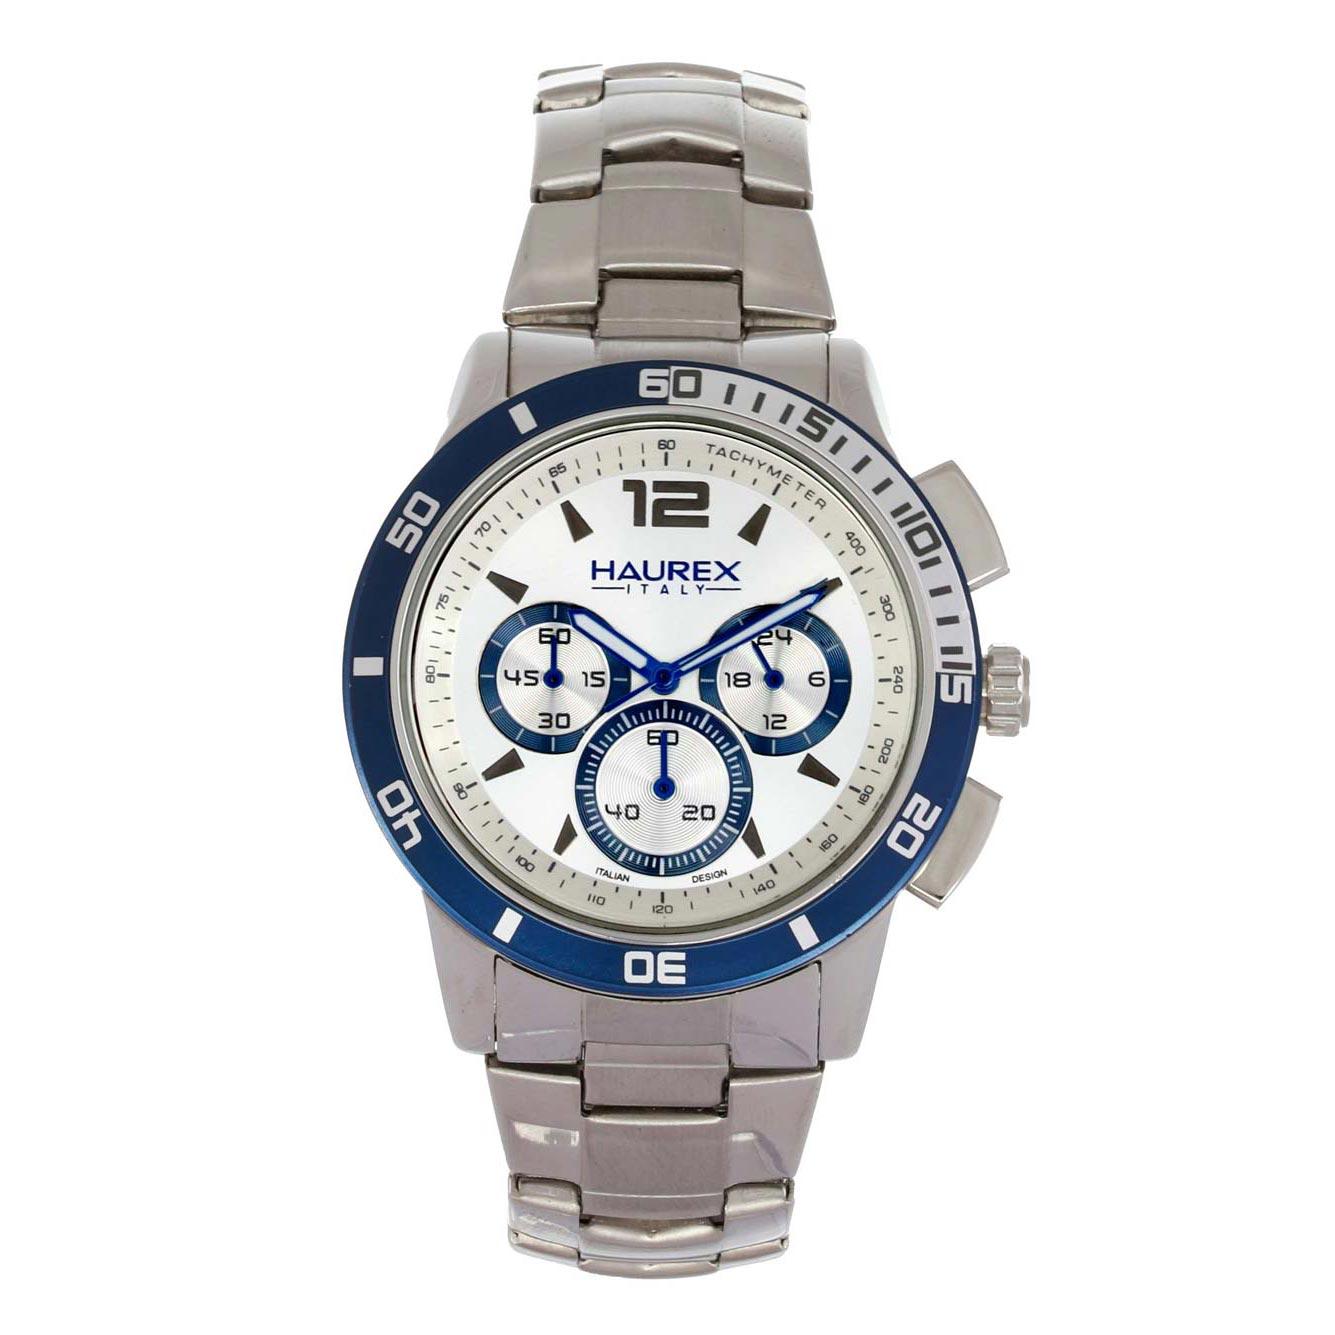 ساعت مچی عقربه ای مردانه هورکس مدل ZQHX-0A355USS 22